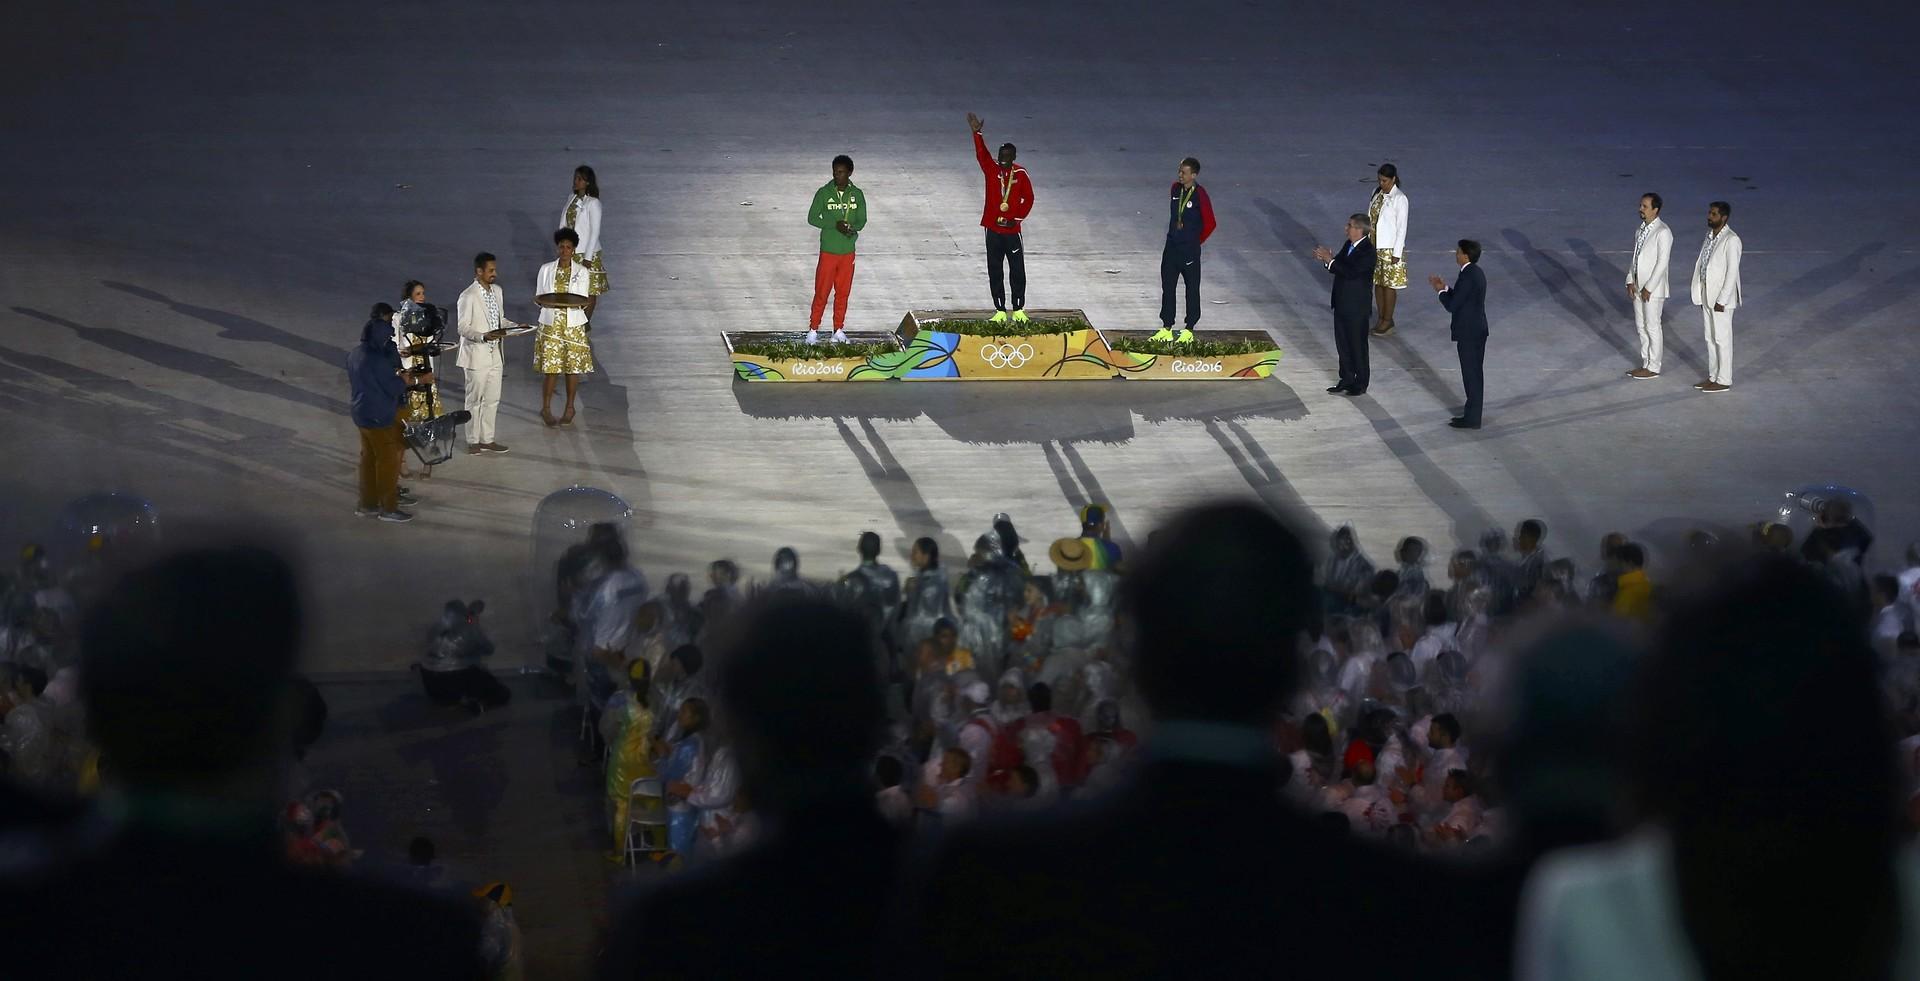 حفل اختتام ريو 2016